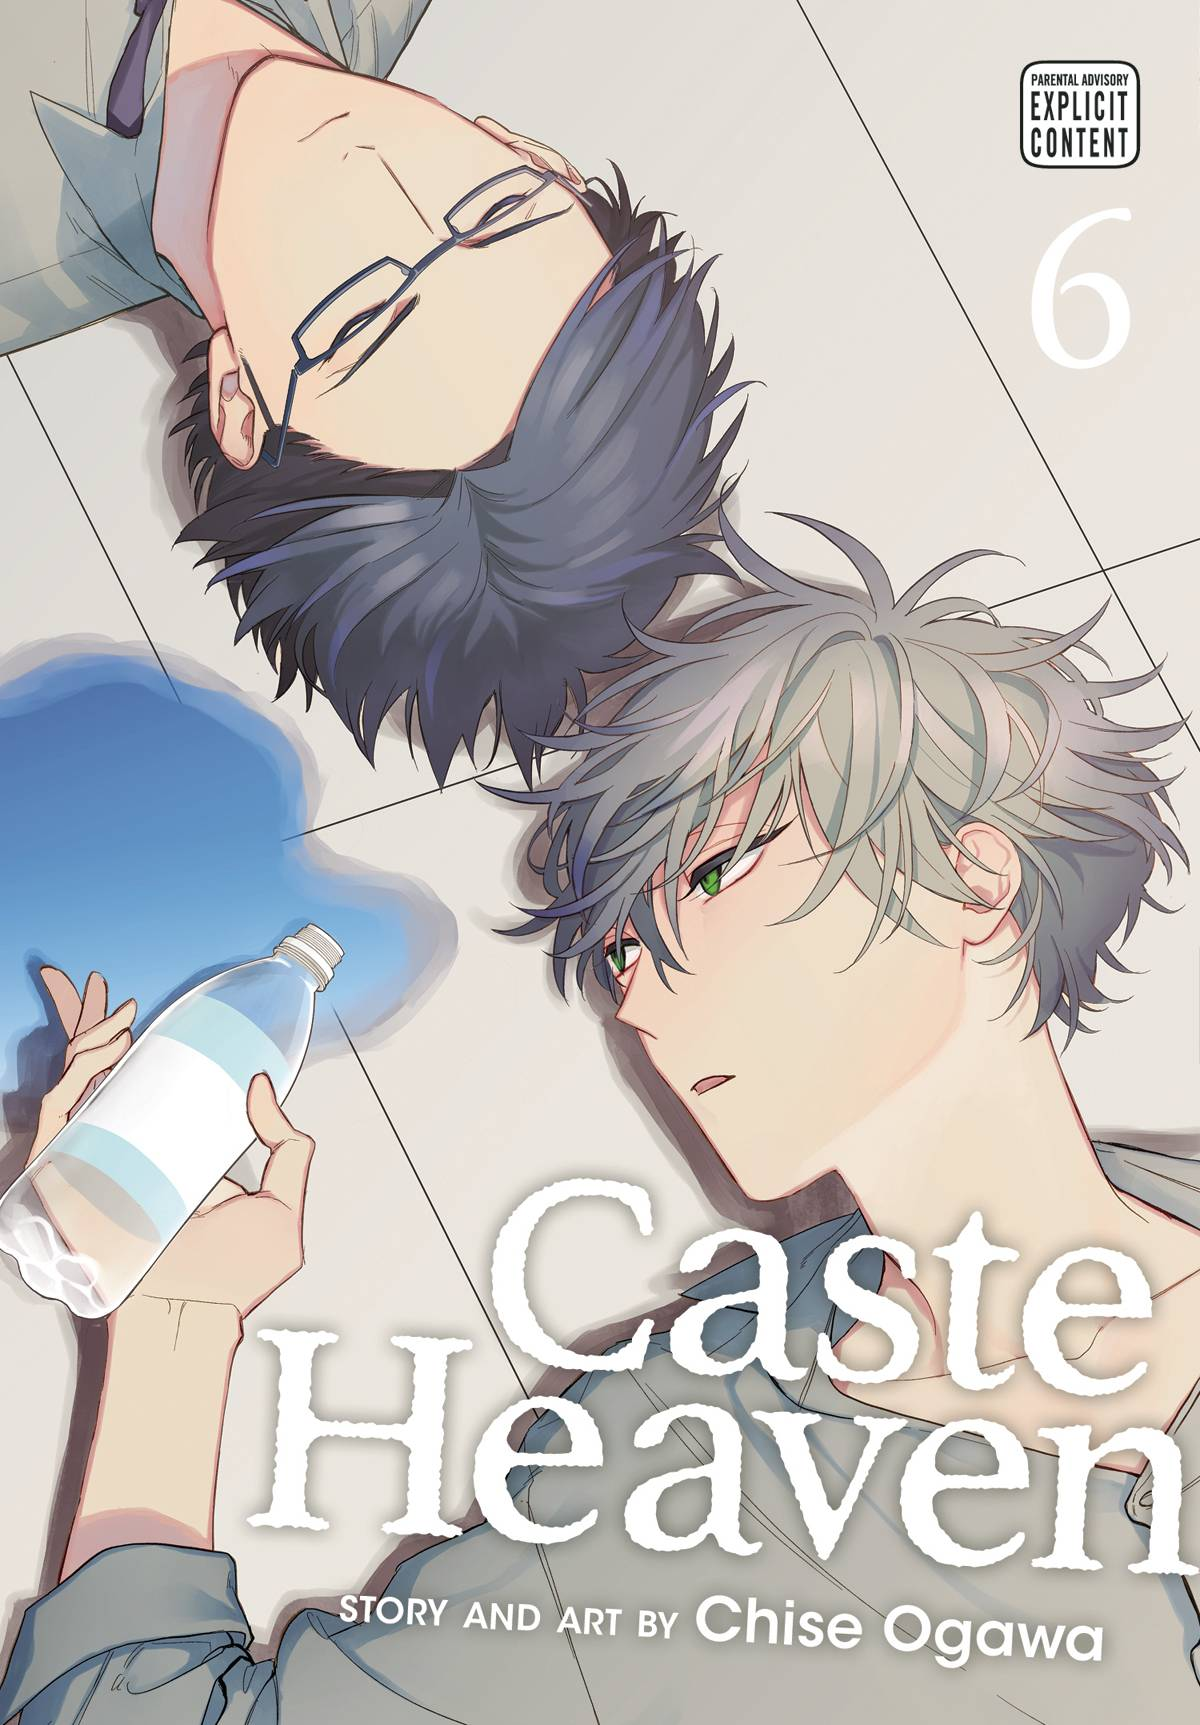 CASTE HEAVEN GN 06